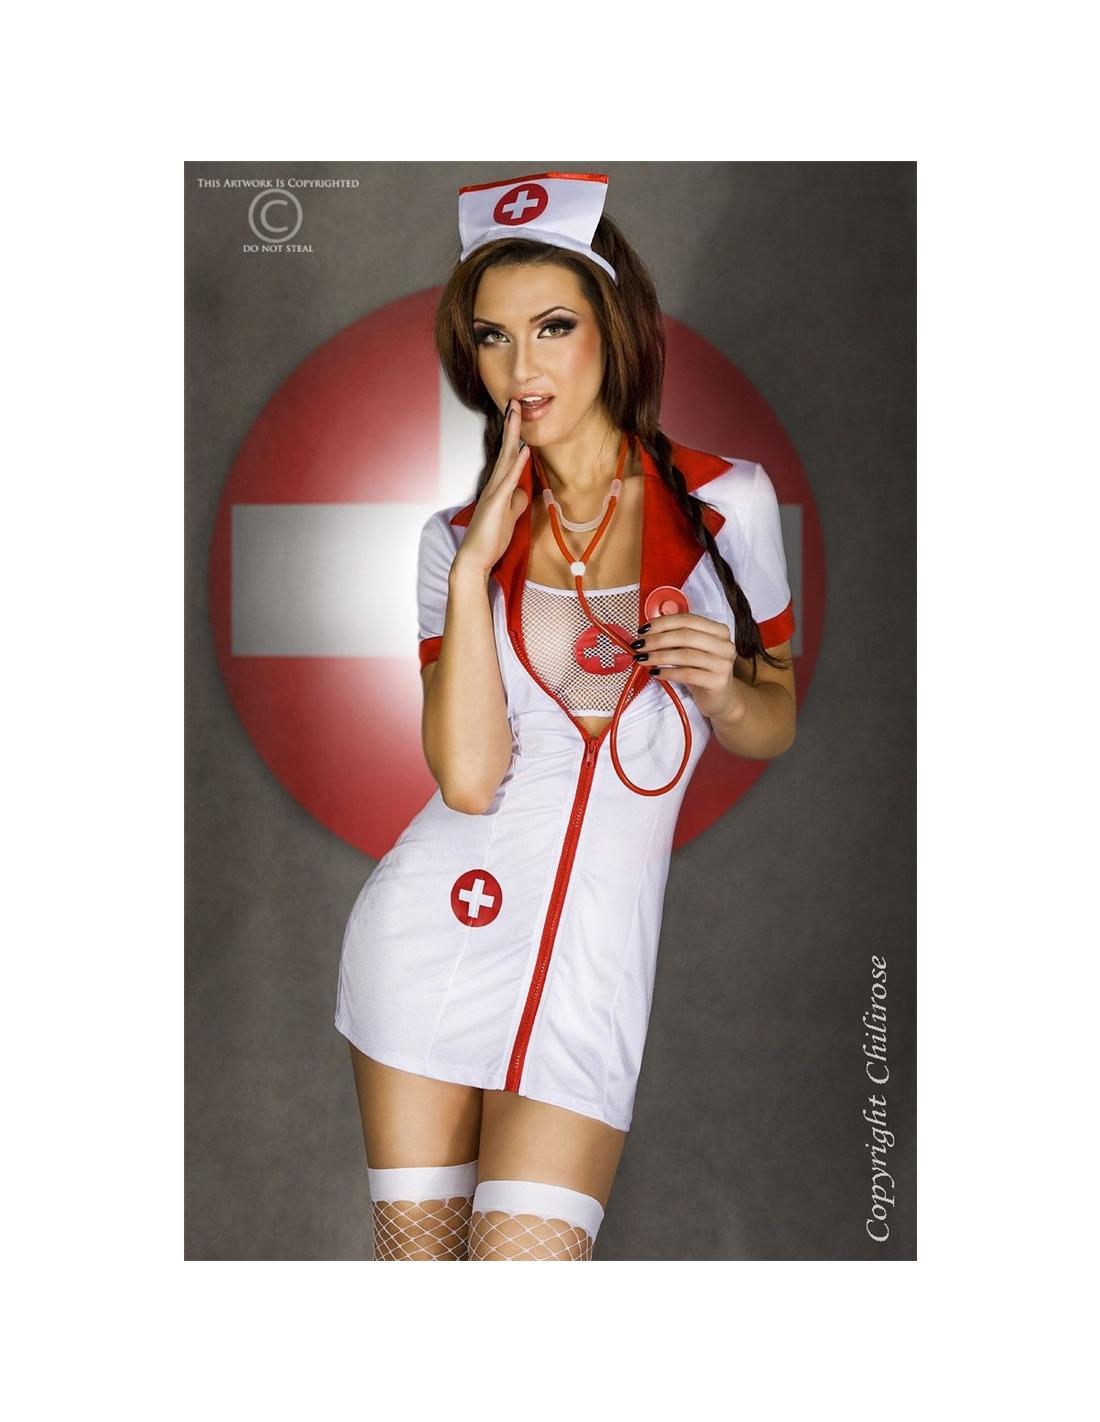 Fantasia De Enfermeira Cr-3305 - 36-38 S/M - PR2010318830